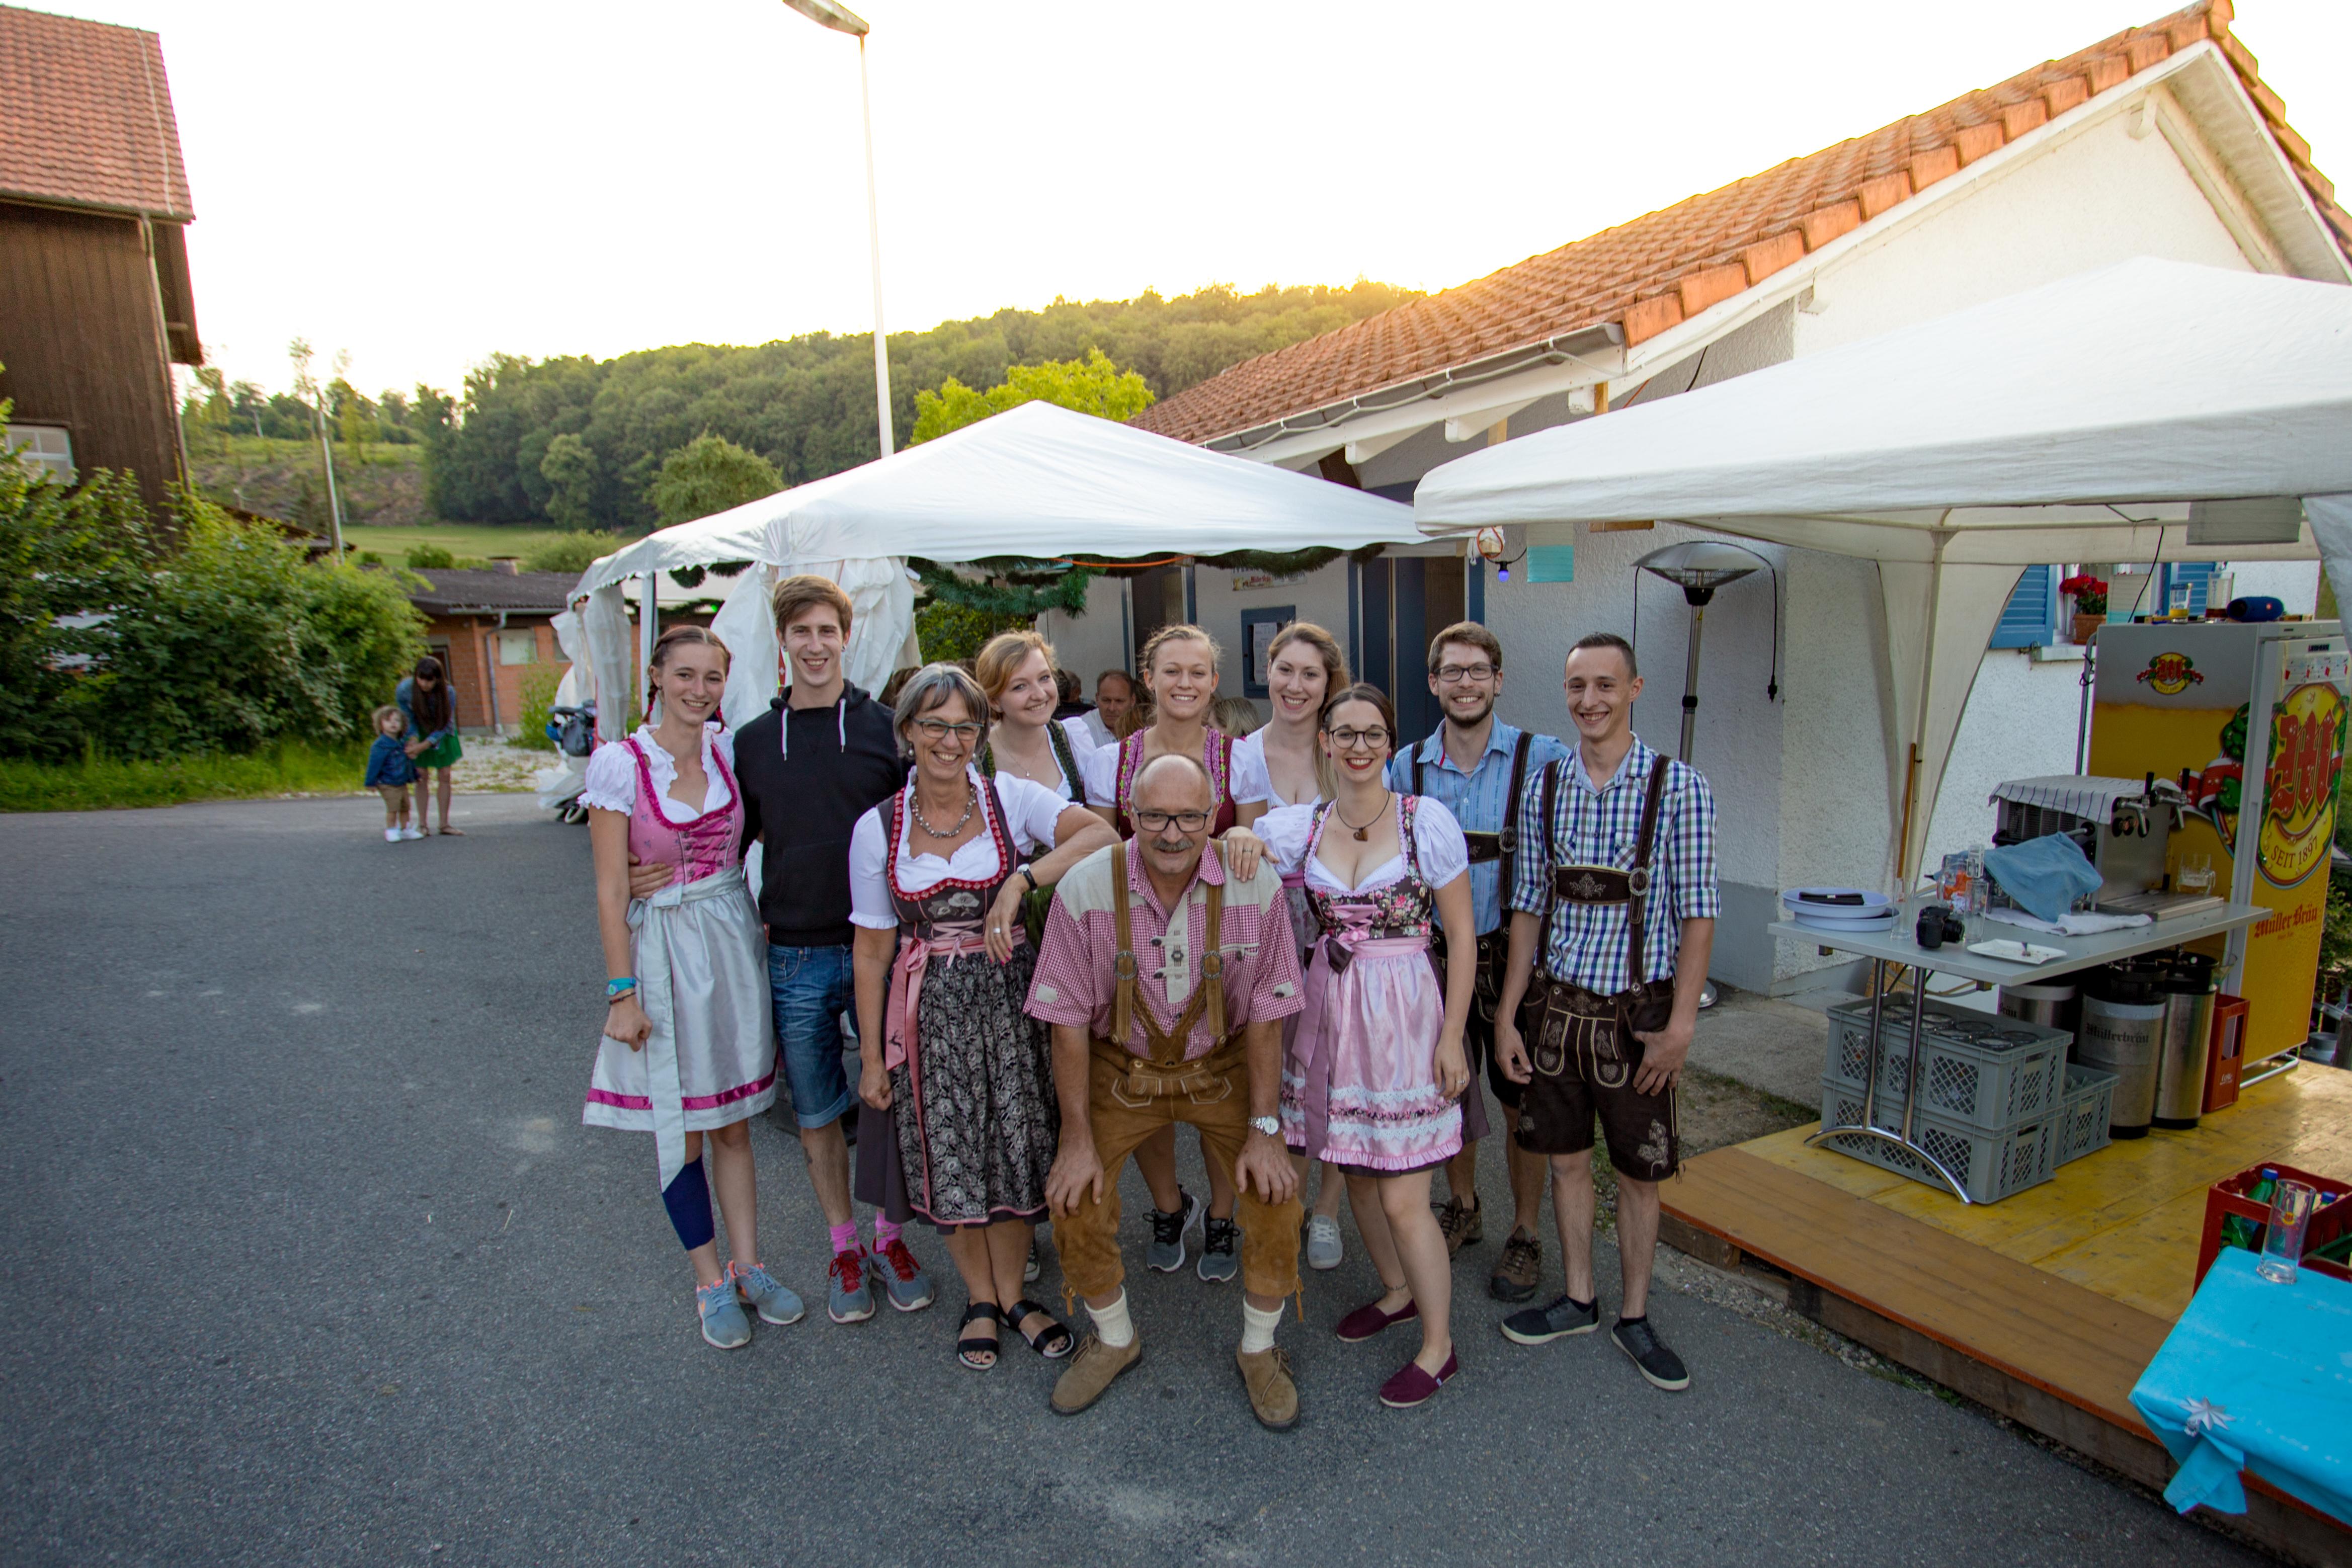 Milchhüsli_Bierfest_2018-14